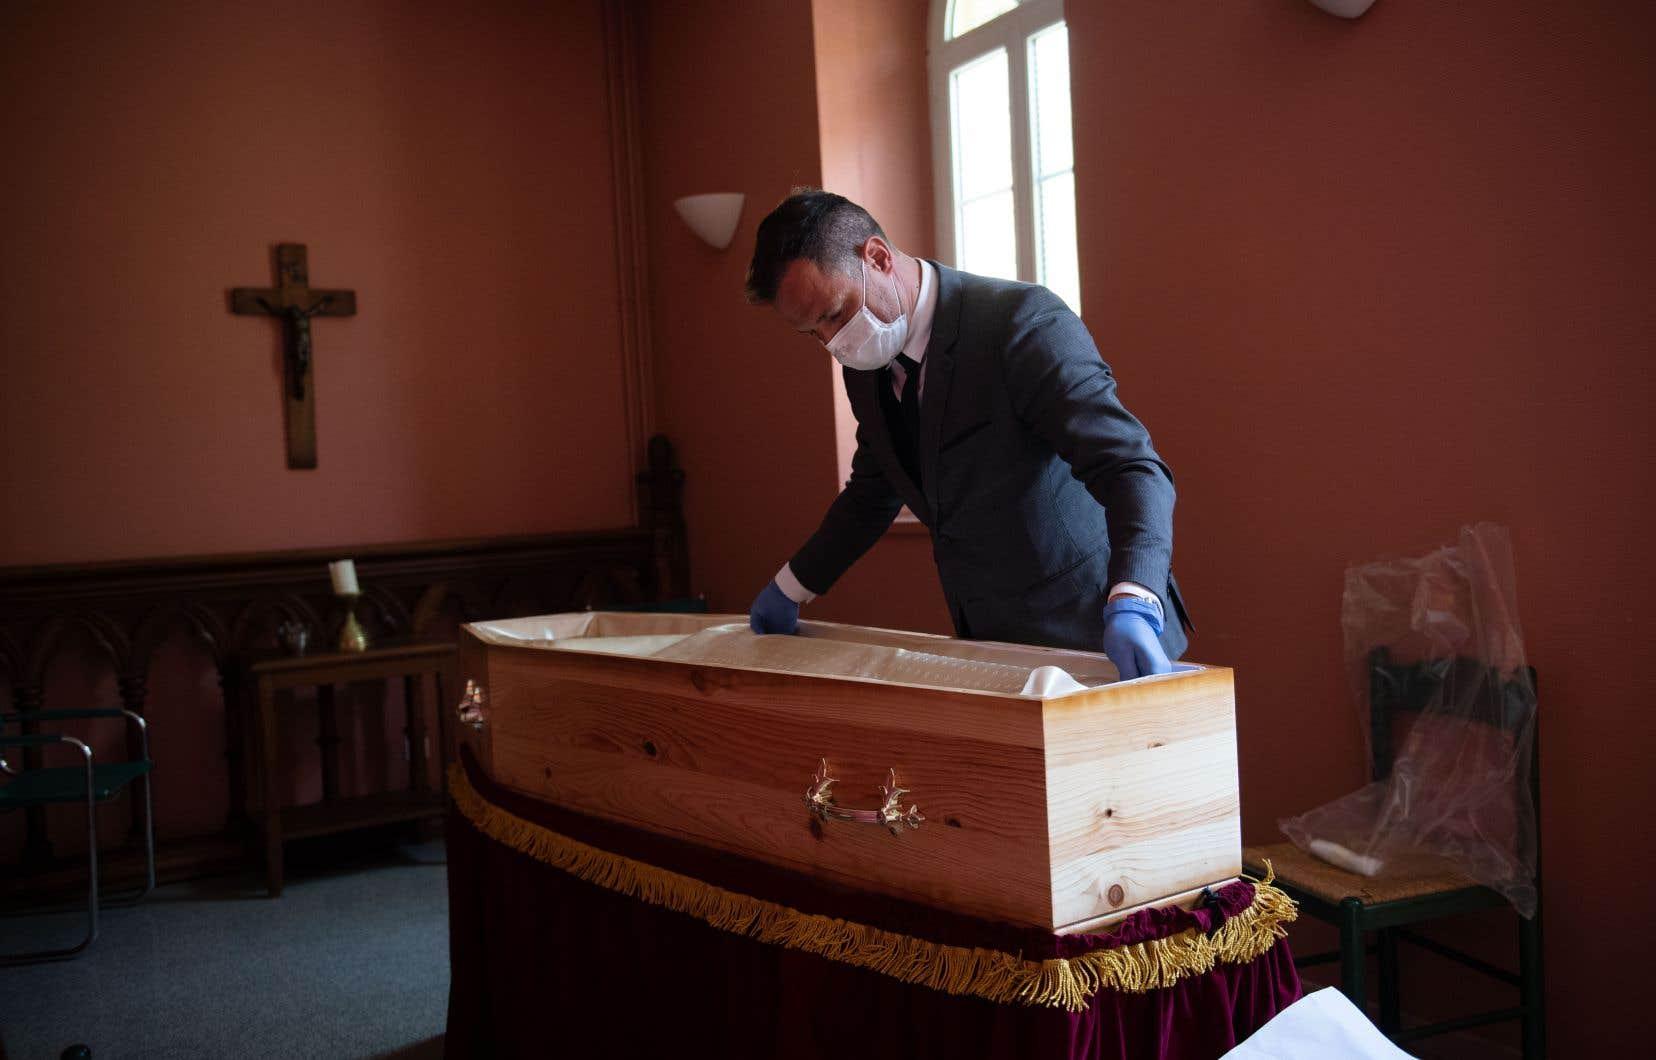 Un entrepreneur de pompes funèbres prépare un cercueil à Aix-en-Provence, en France.